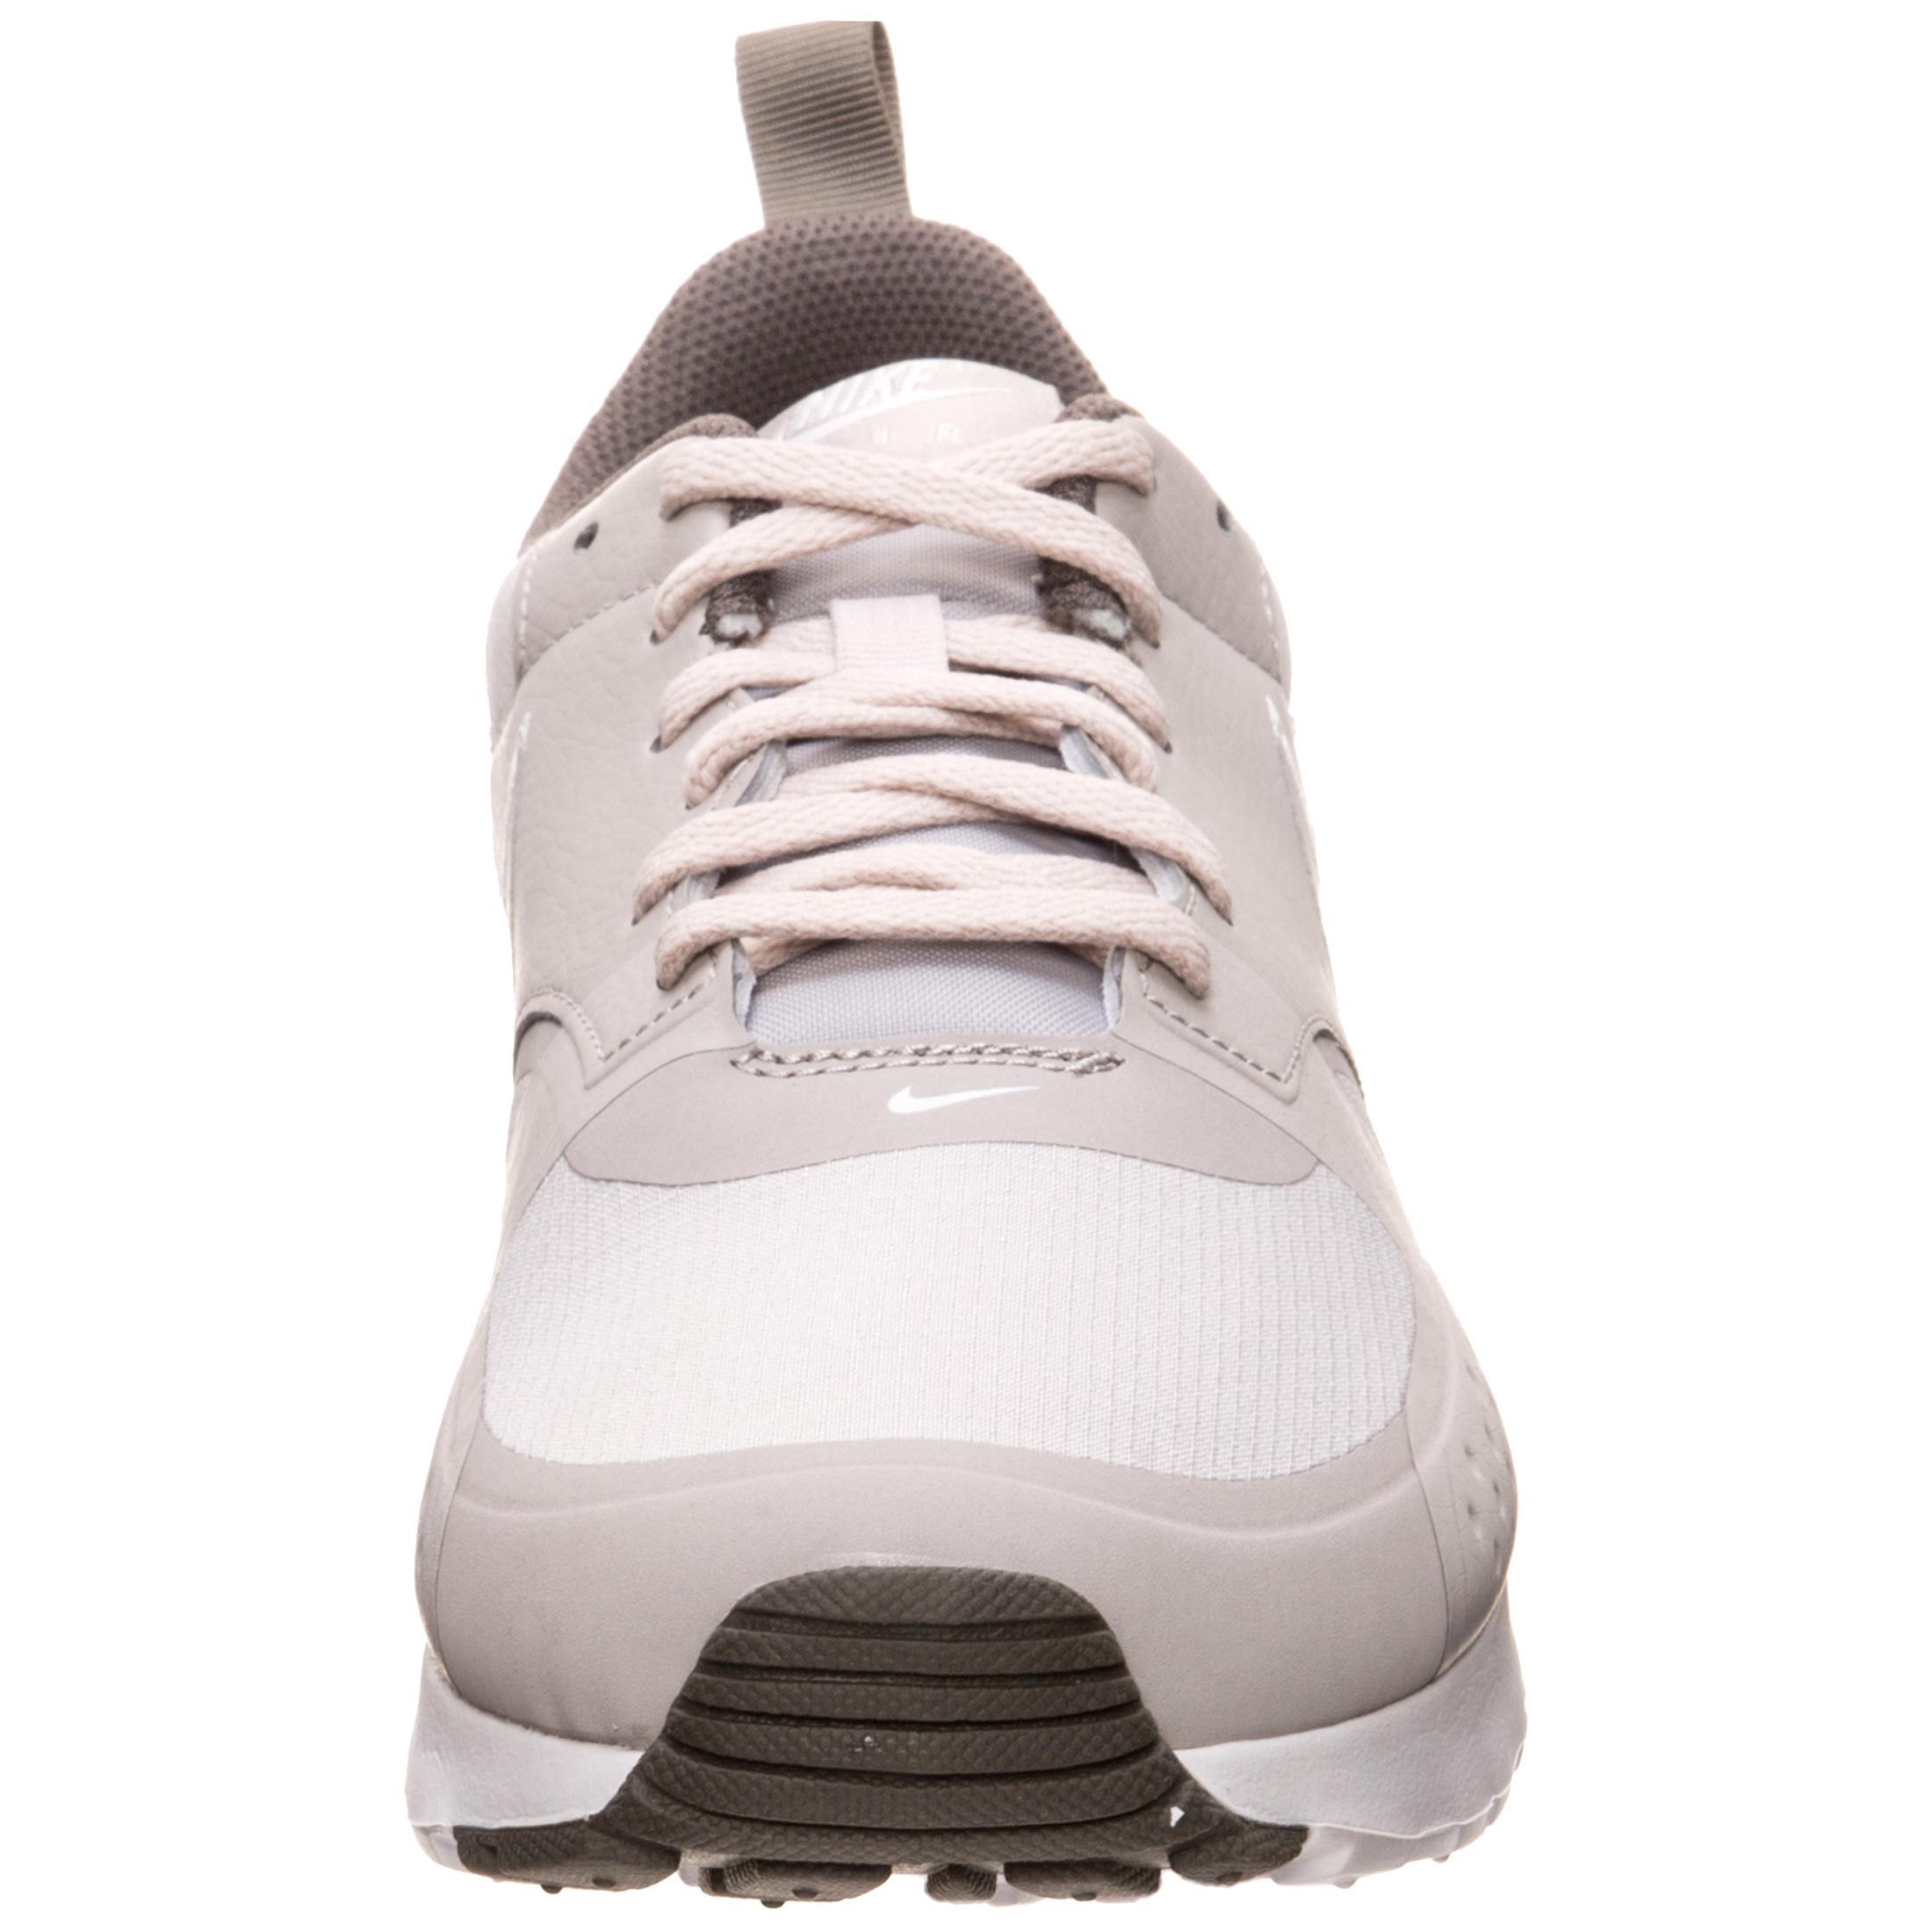 Nike Air Max Max Max Vision SE Sneaker Herren beige / grau im Online Shop von SportScheck kaufen Gute Qualität beliebte Schuhe 41a1a2